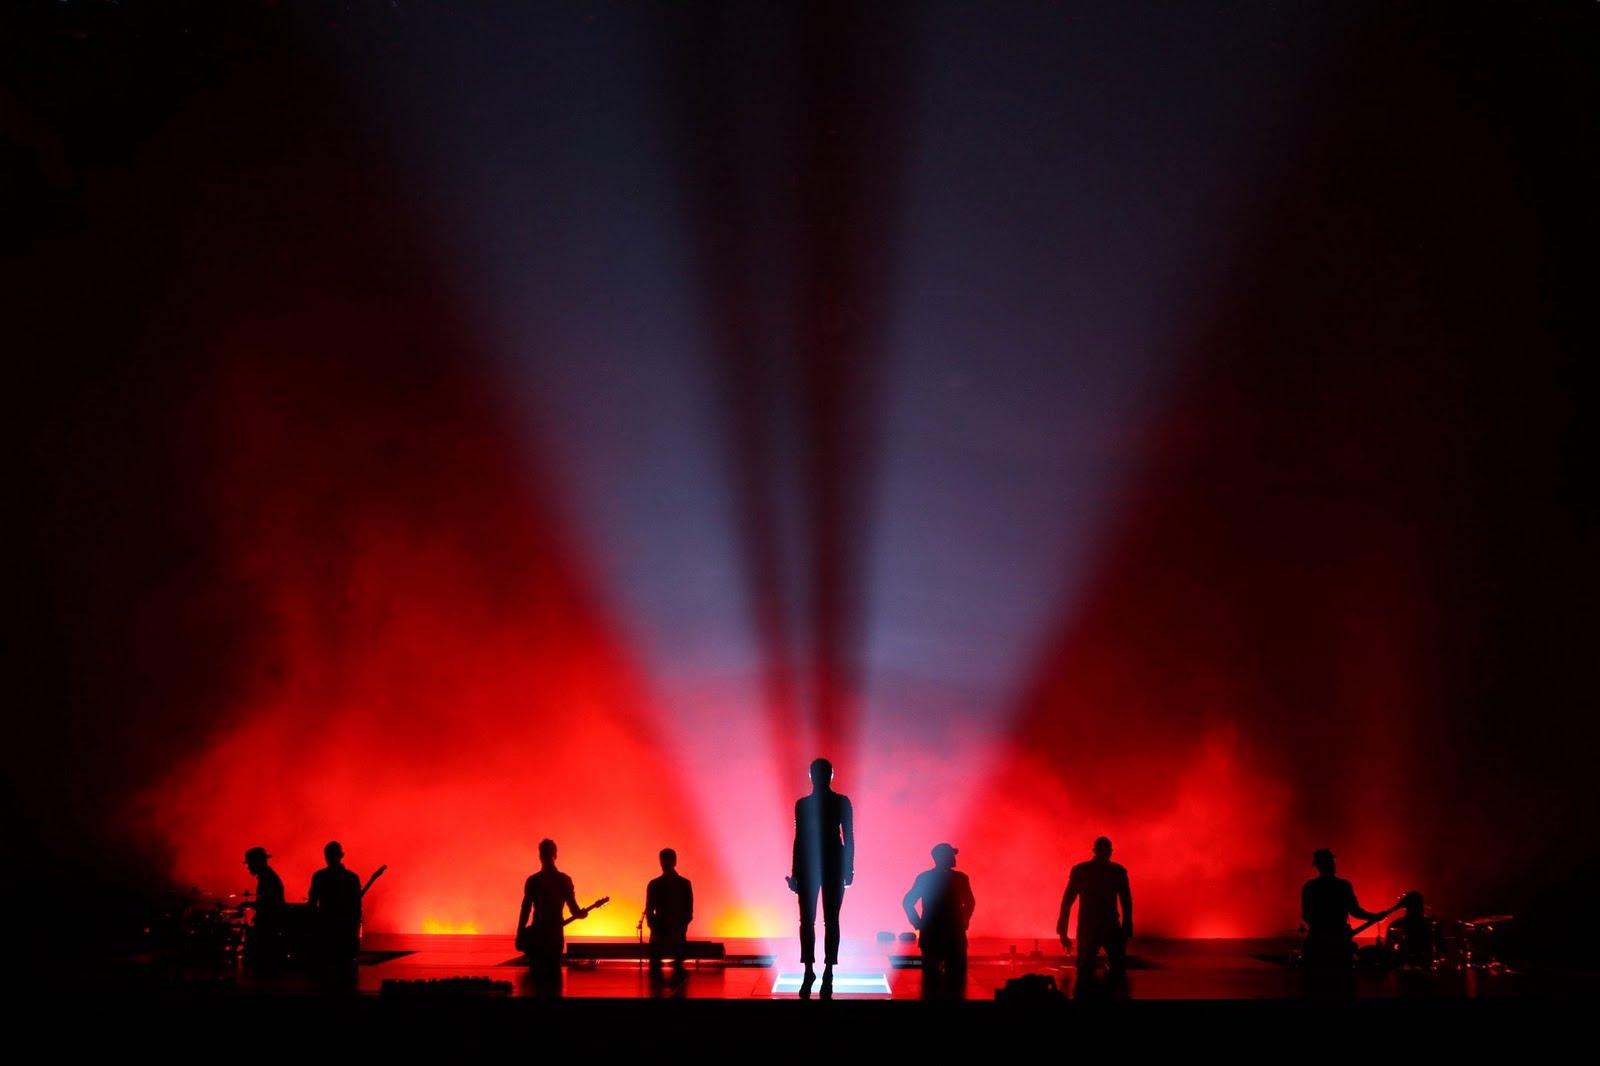 http://1.bp.blogspot.com/-8fFLxm_PNWs/TjiY6o7drcI/AAAAAAAAEi0/U397p6vNwxY/s1600/Sade+Live+Concert.jpg